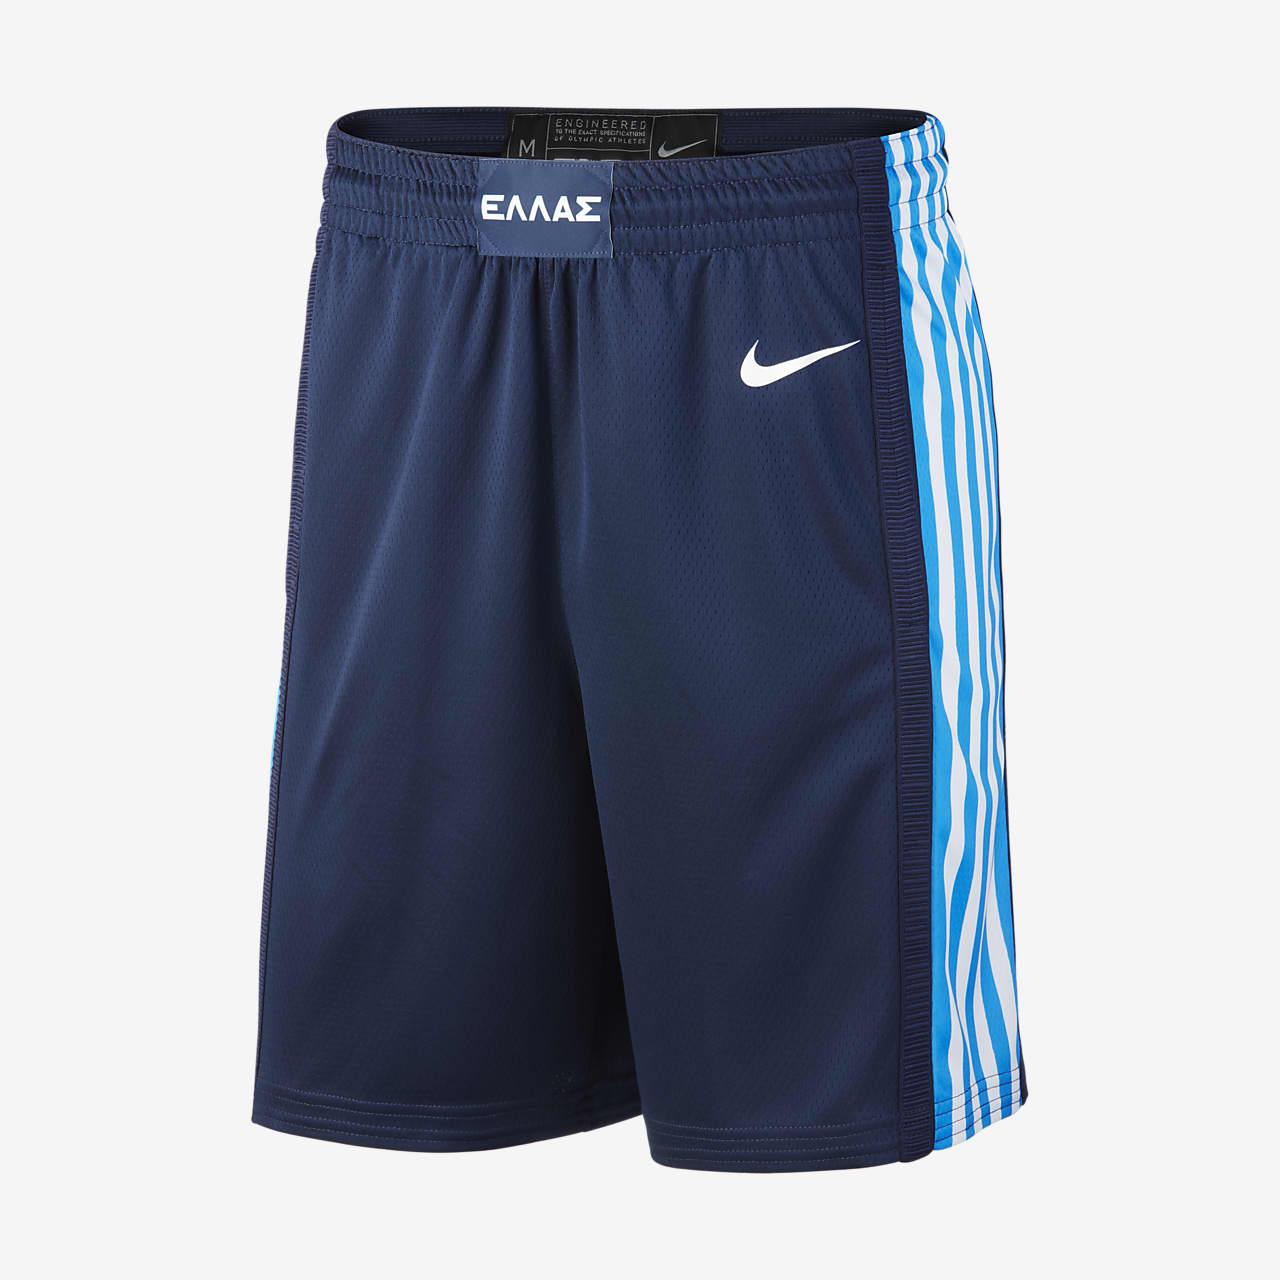 Greece Nike (Road) Limited basketshorts til herre